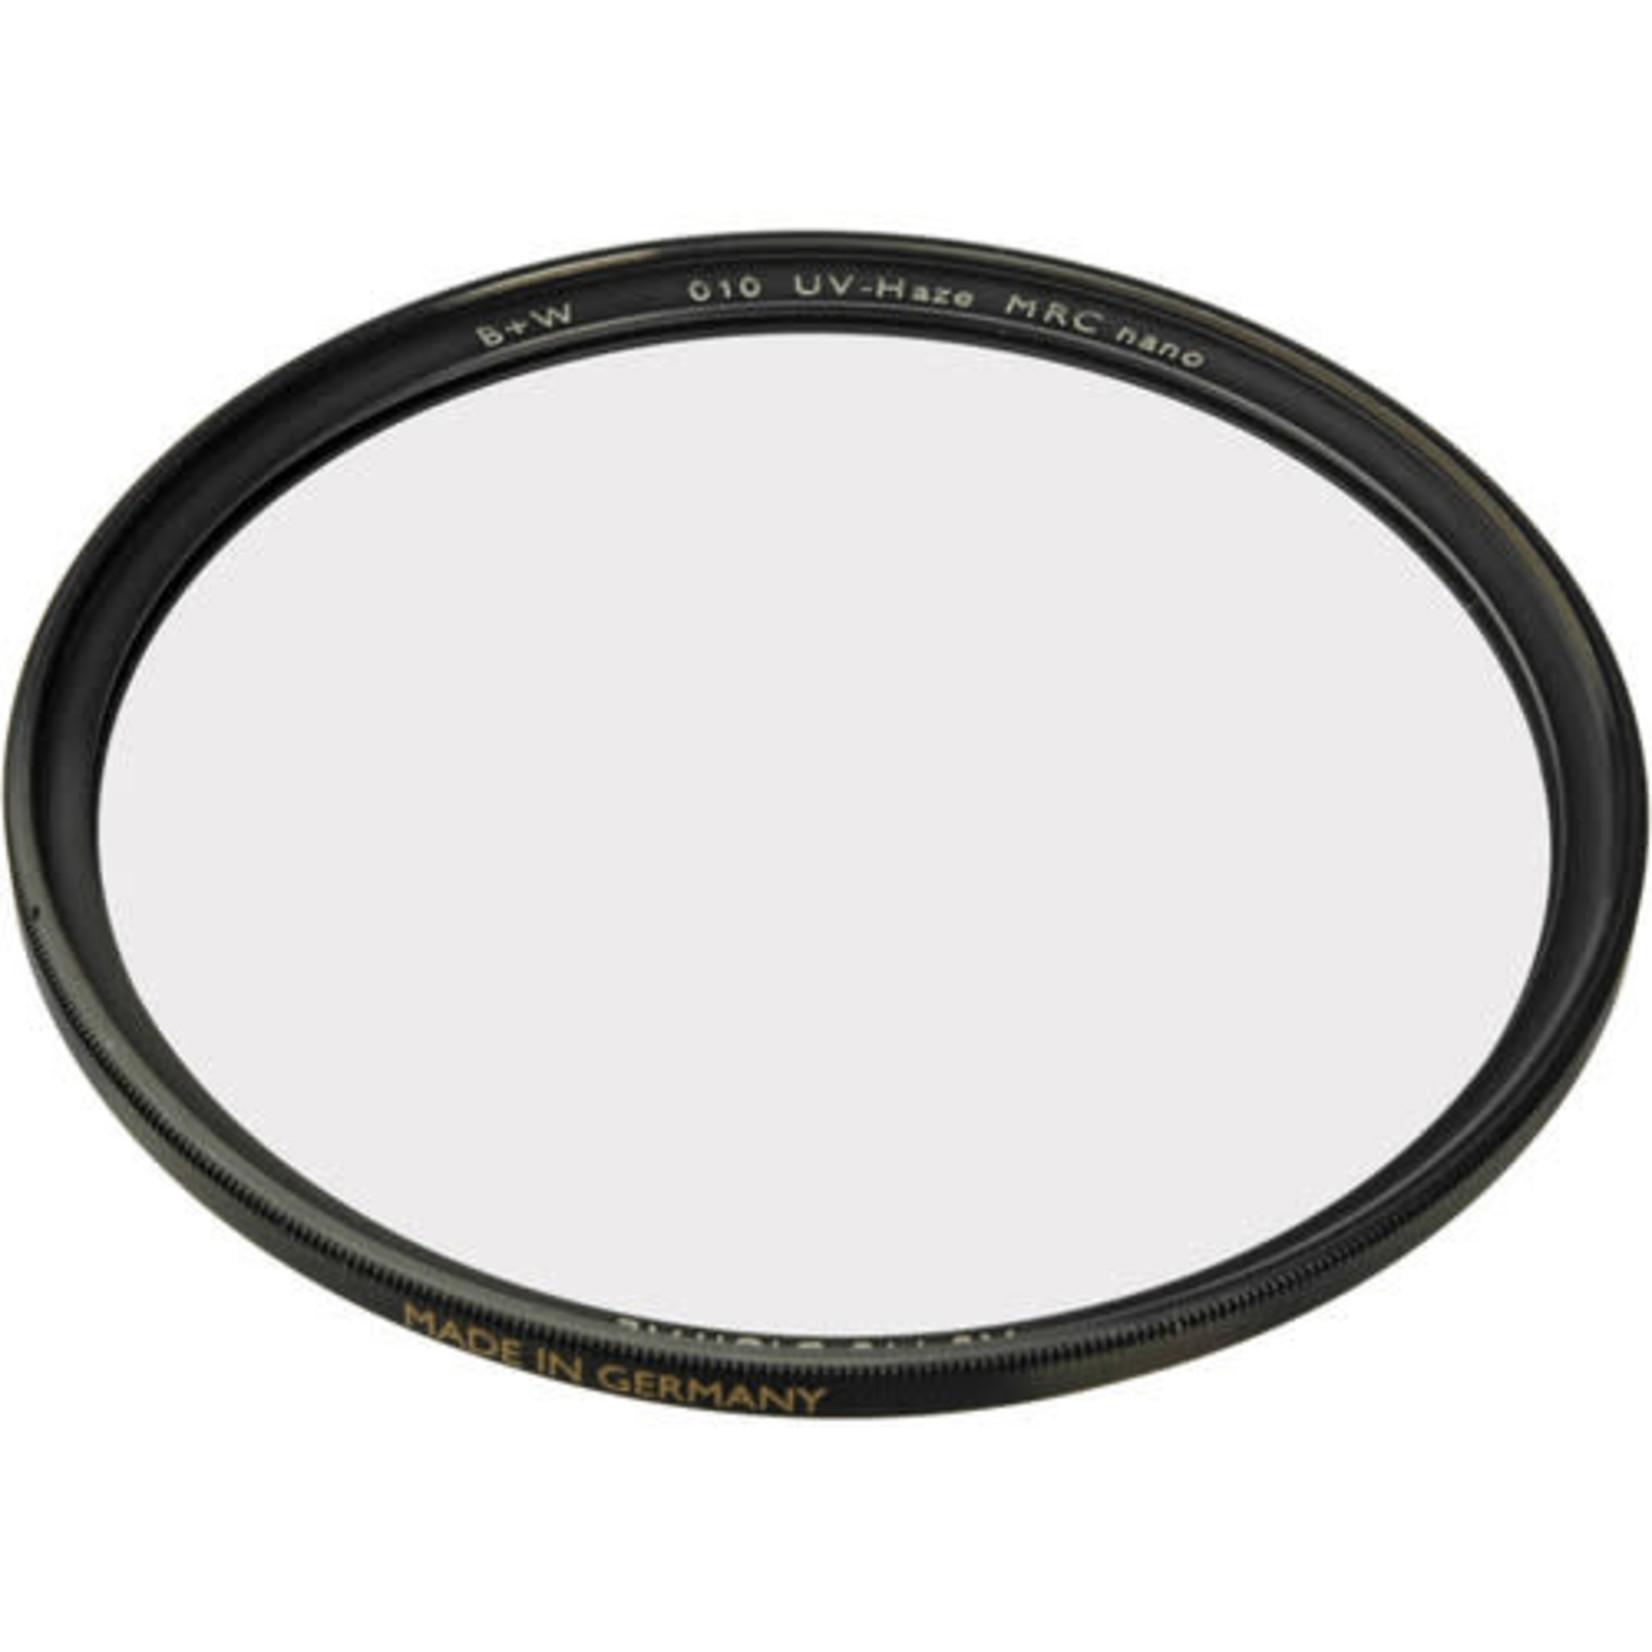 B+W B+W 62mm XS-Pro UV Haze MRC-Nano 010M Filter